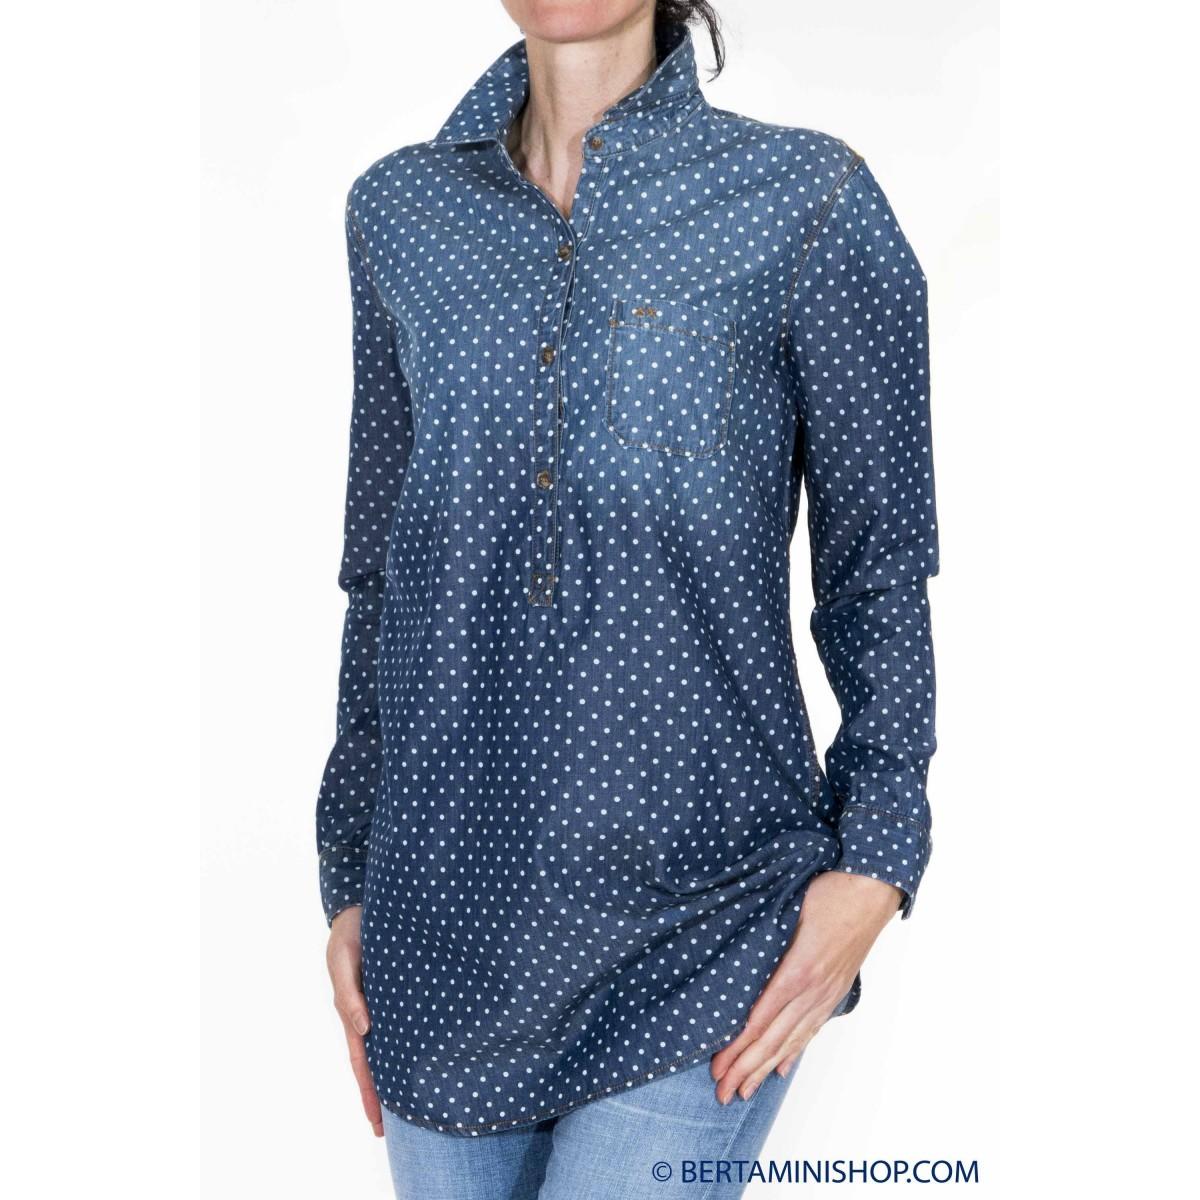 Camicia donna Sun 68 - Sw010 camicia chambrie